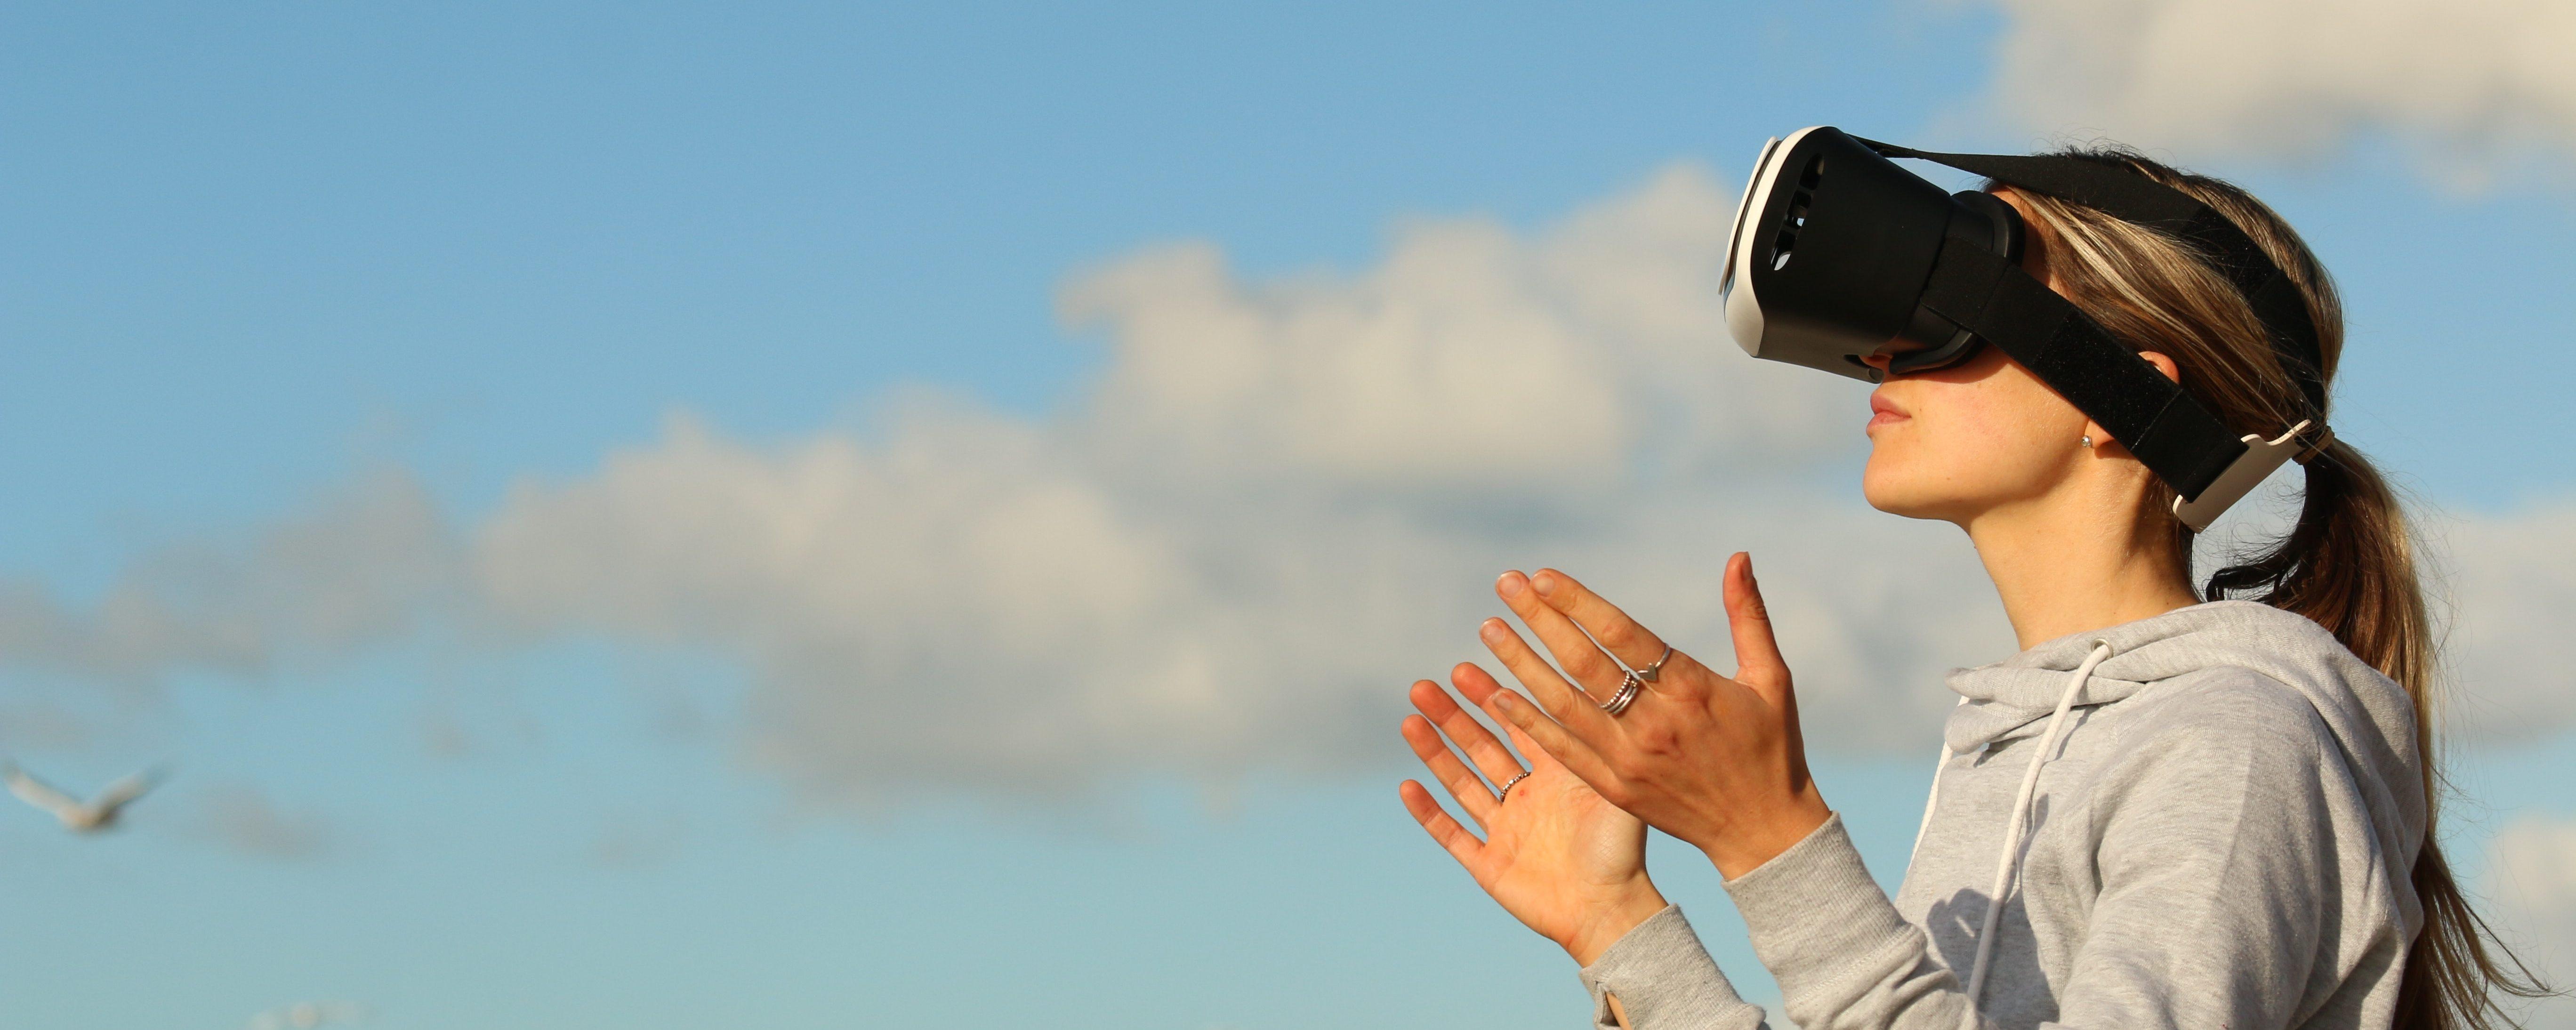 Boom realtà aumentata e tv individuale via mobile